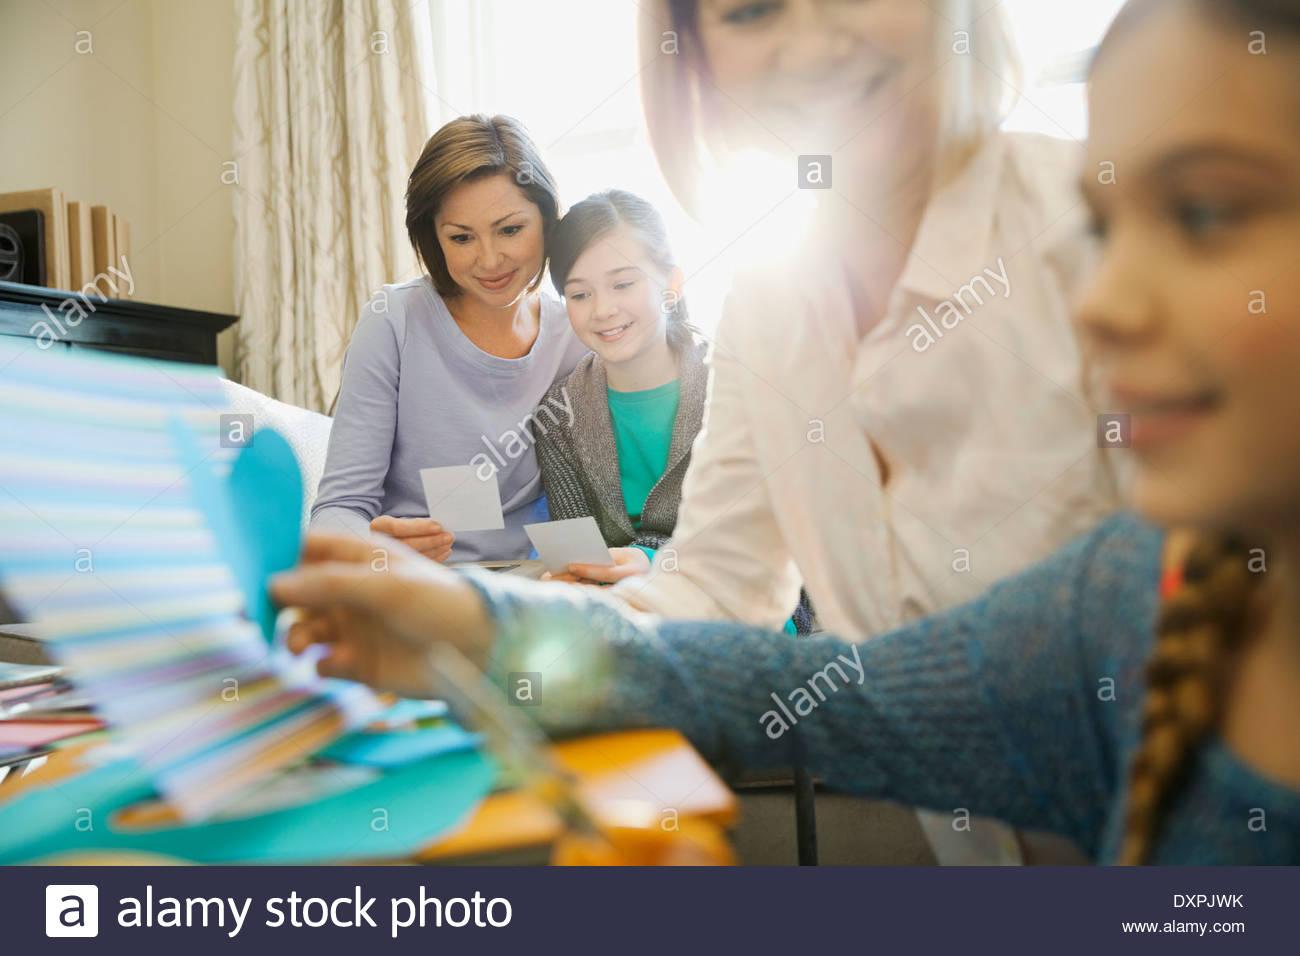 Lächelnde Mutter und Tochter betrachten von Fotos beim scrapbooking Stockbild